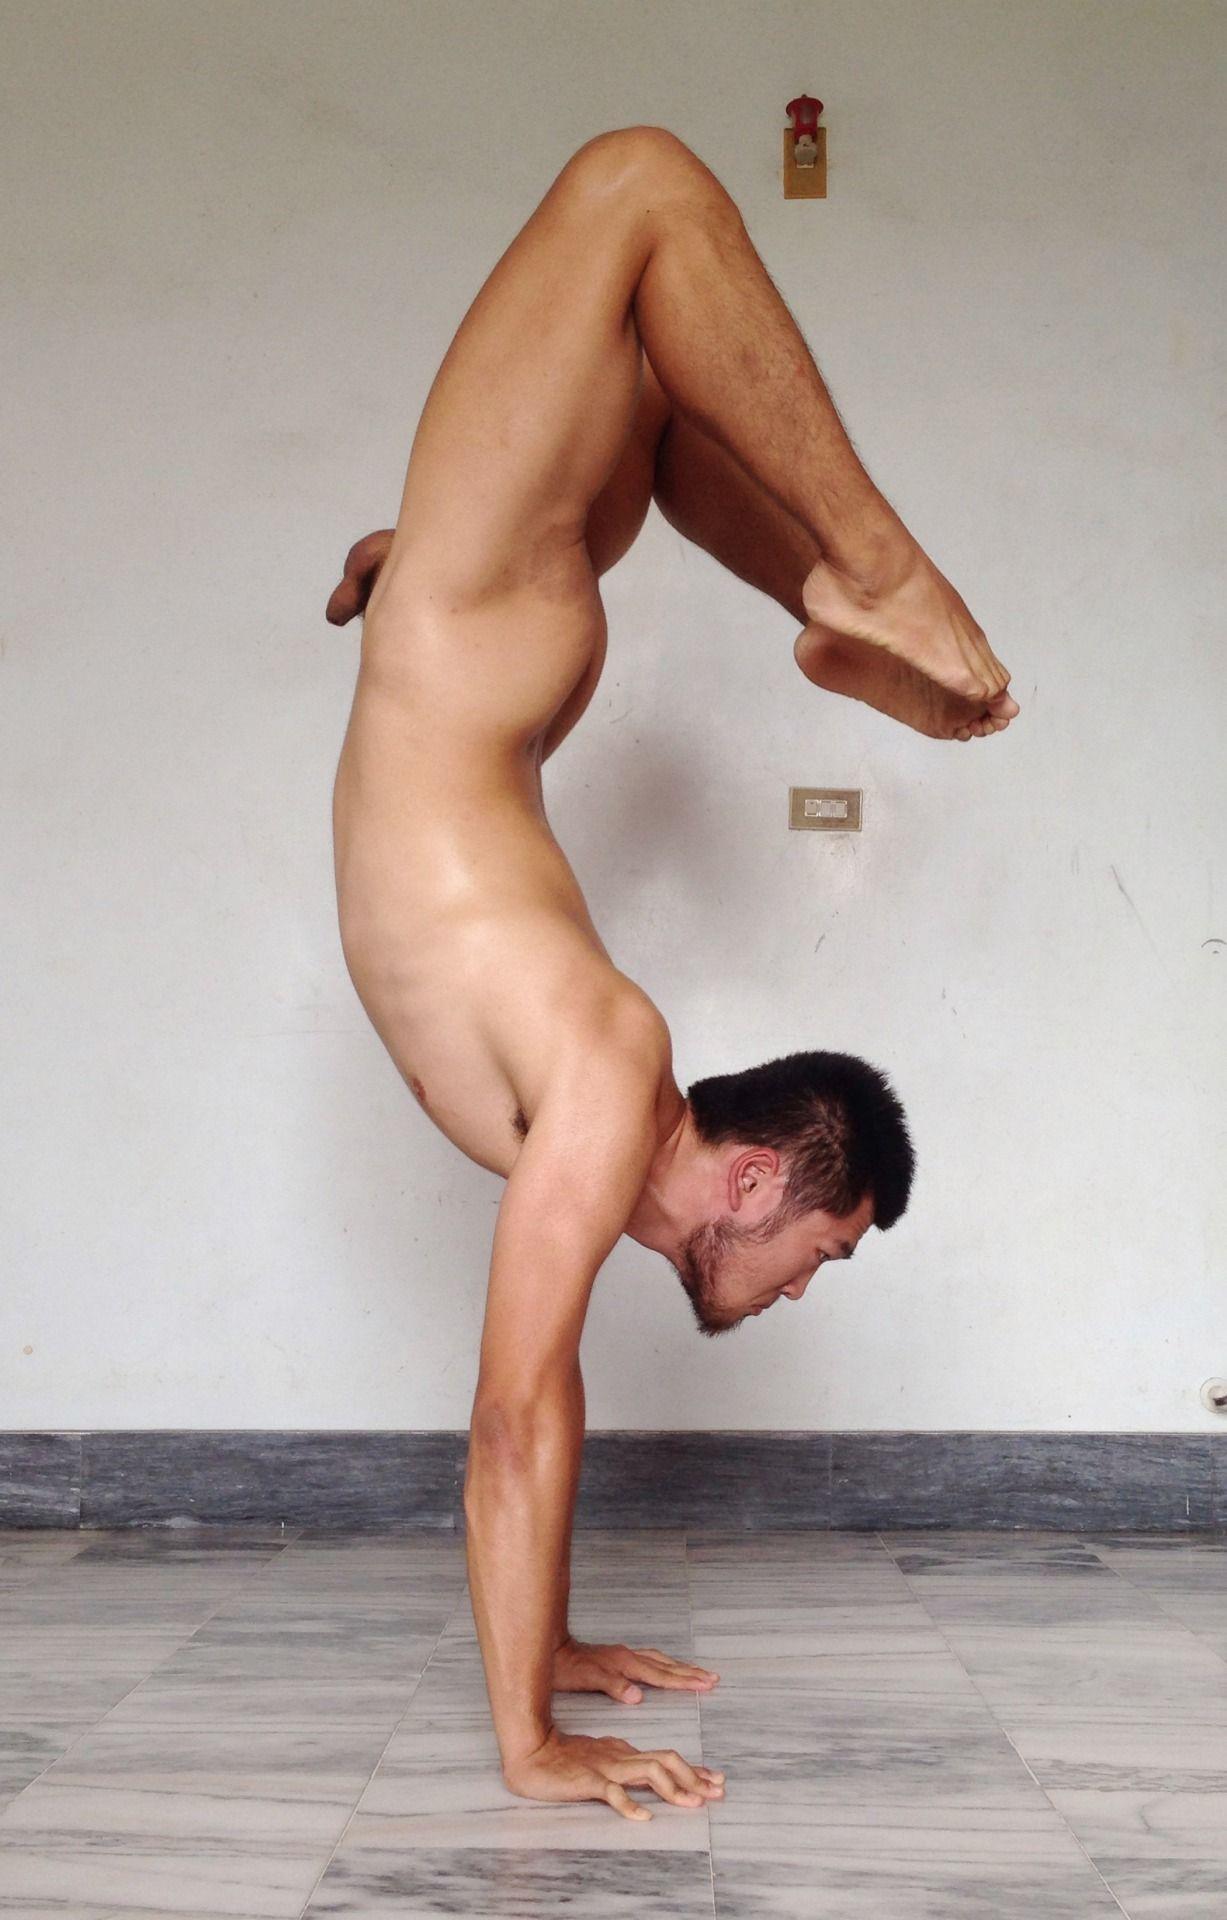 Обнаженные Акробаты Мужчины